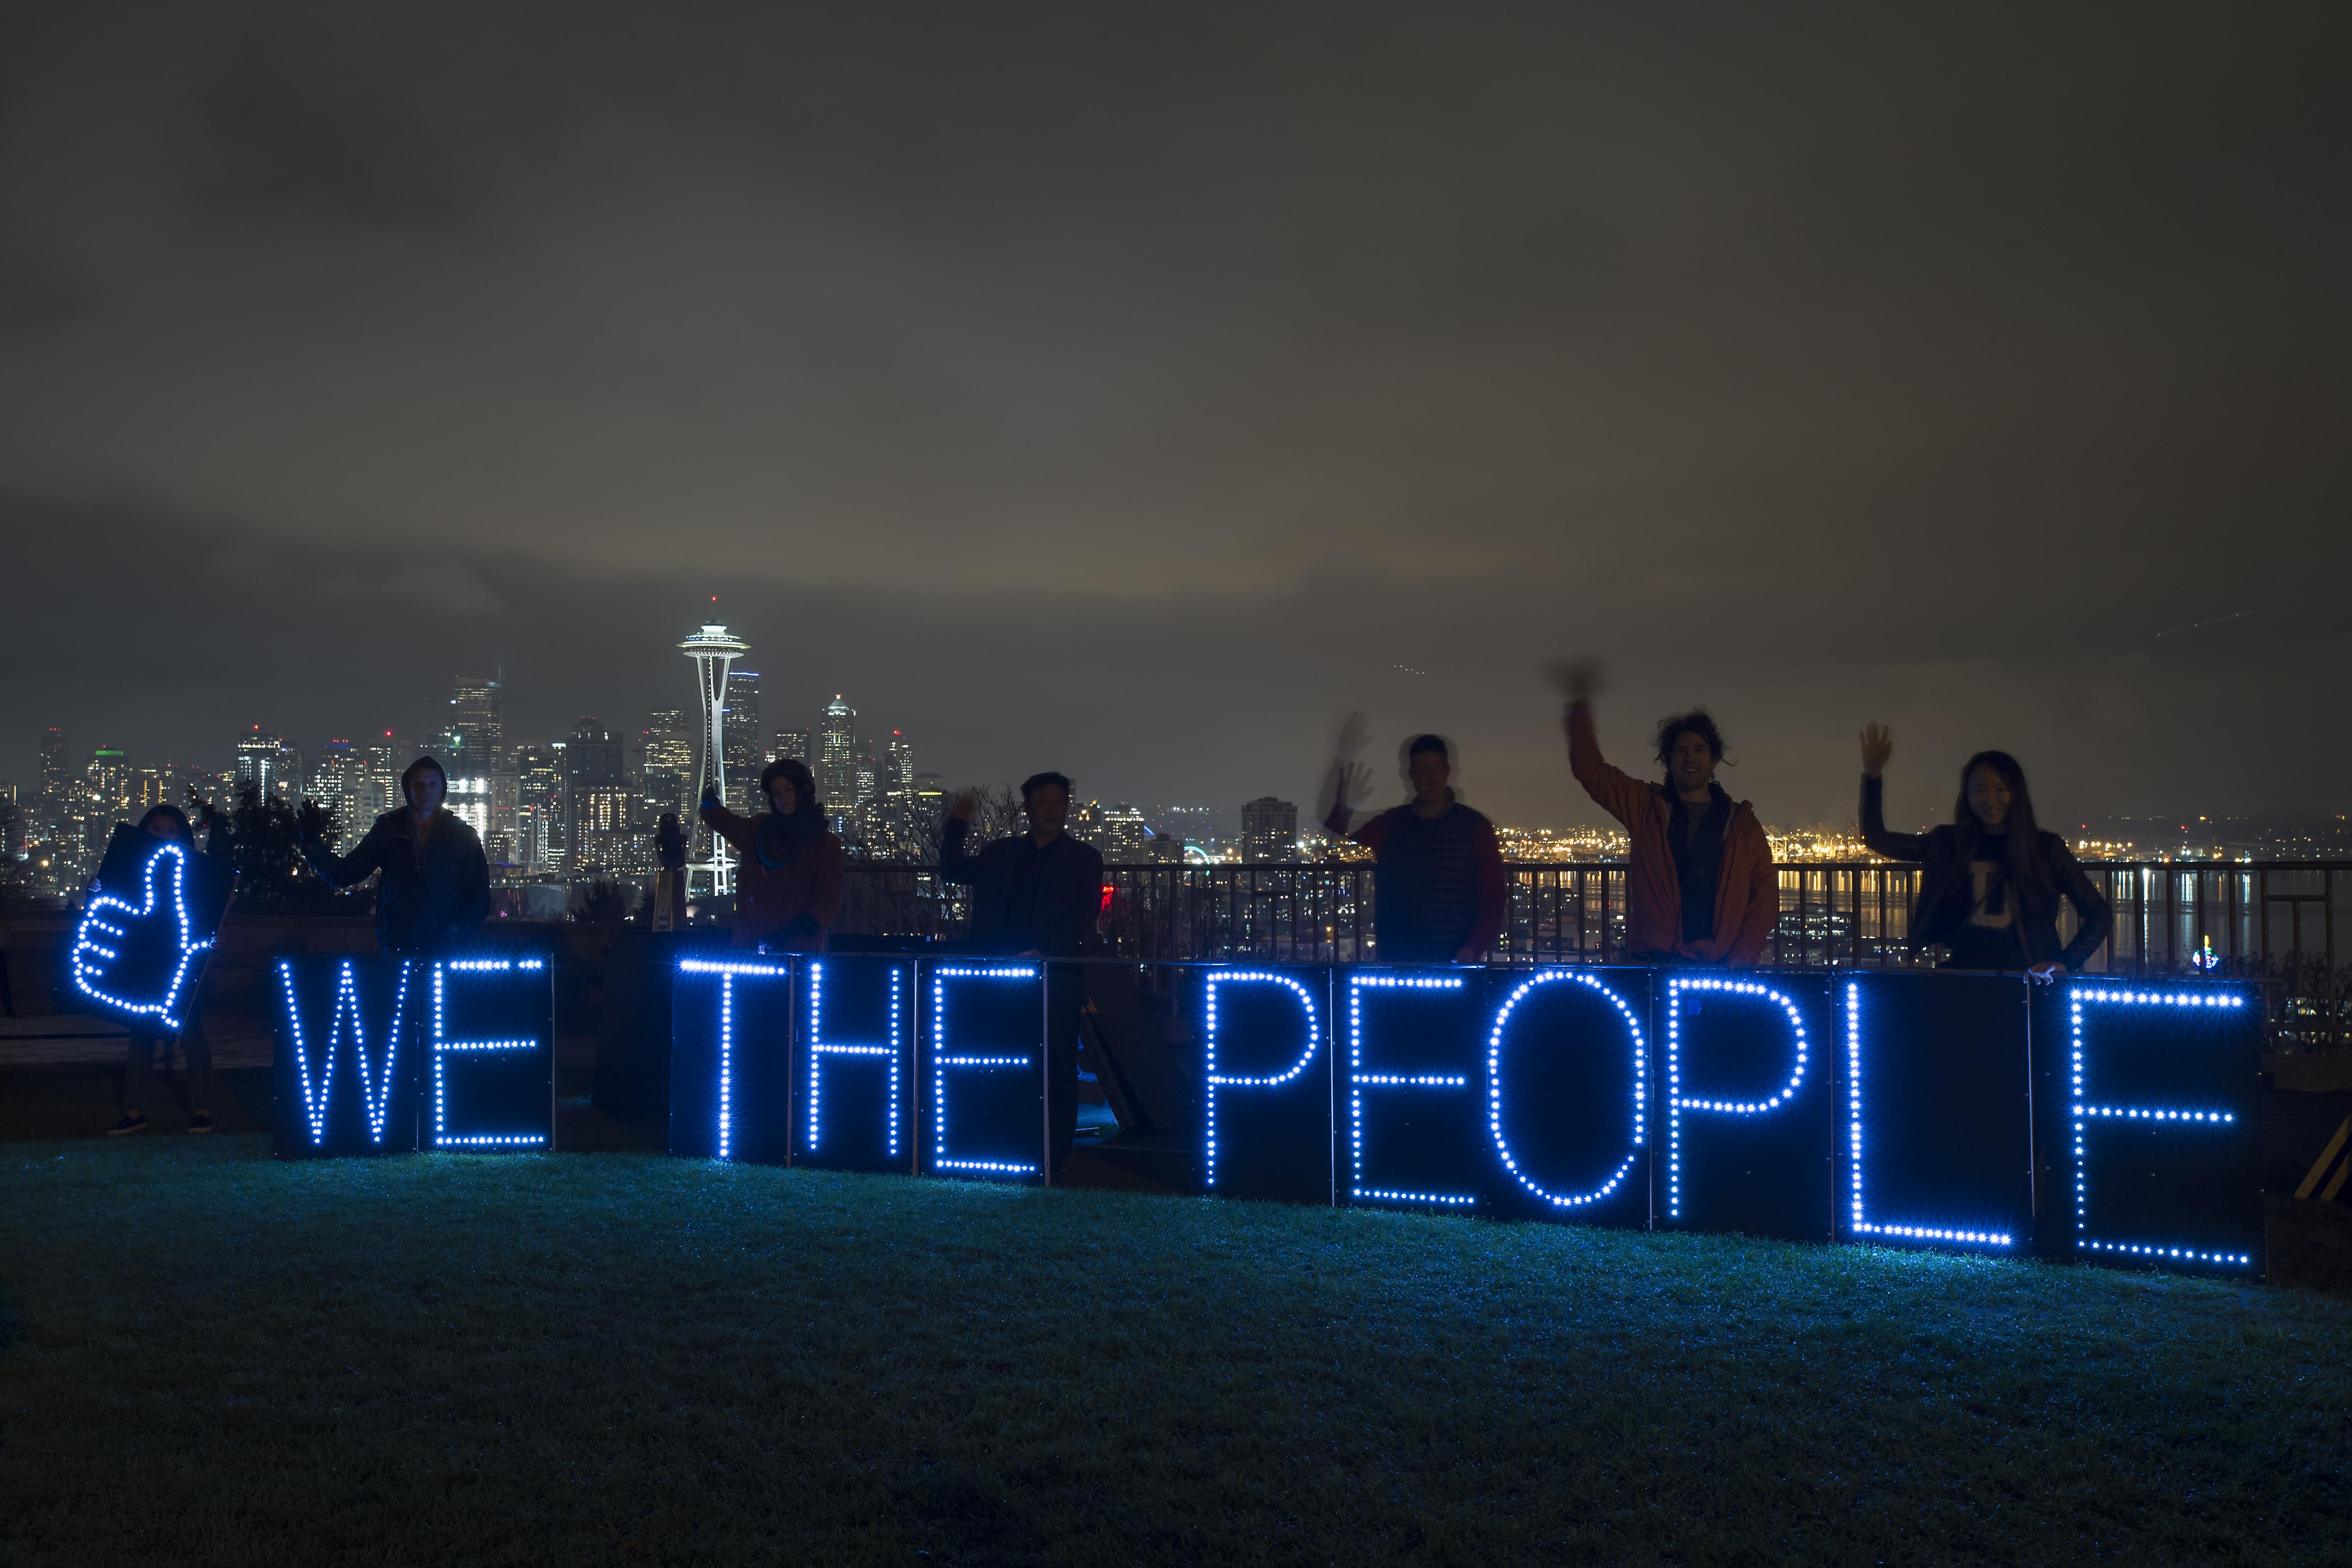 TPP image 1_BackBone campaign